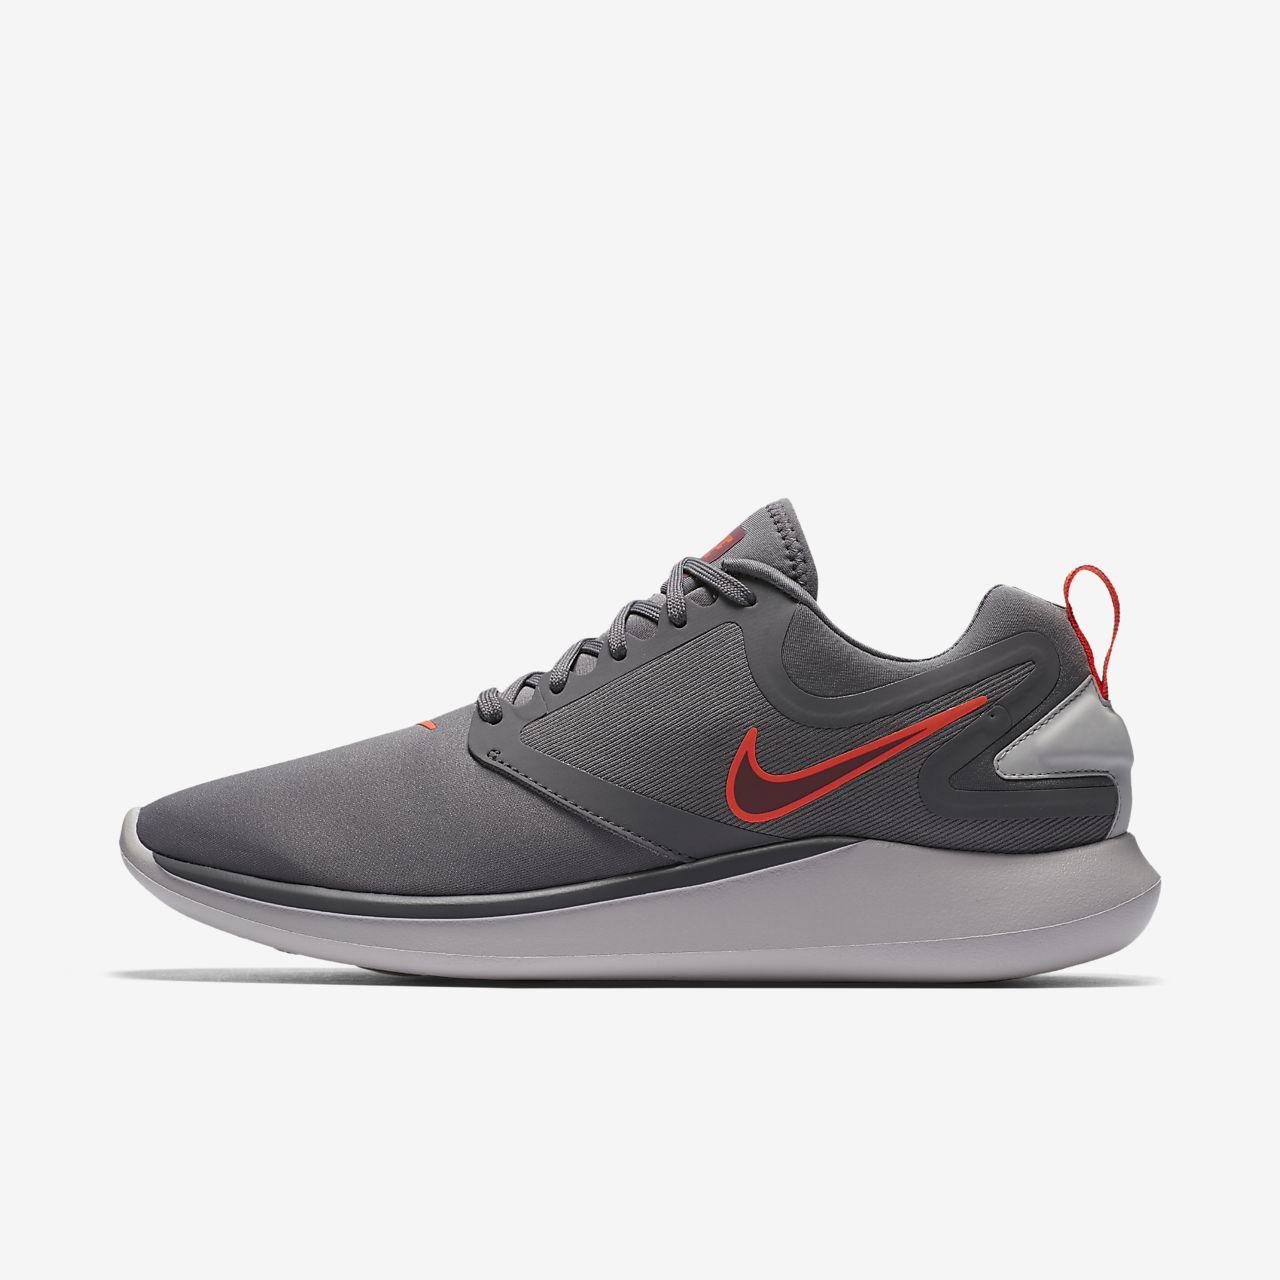 ... Calzado de running para hombre Nike LunarSolo